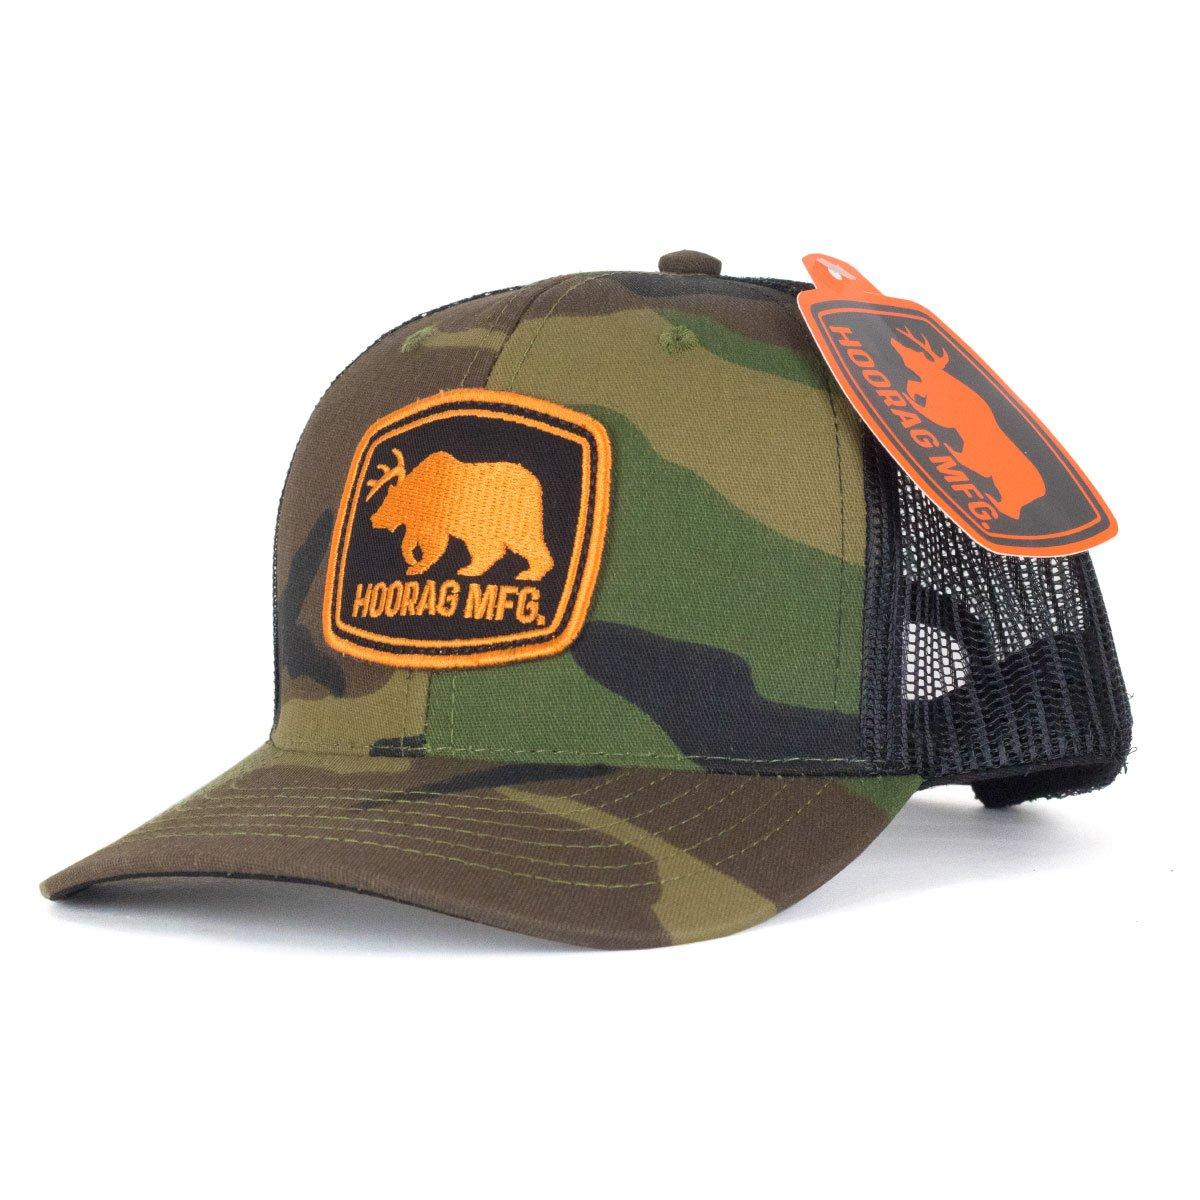 ec559626898 Bear and Deer (Beer) Camo Snapback Trucker hat with bottle opener